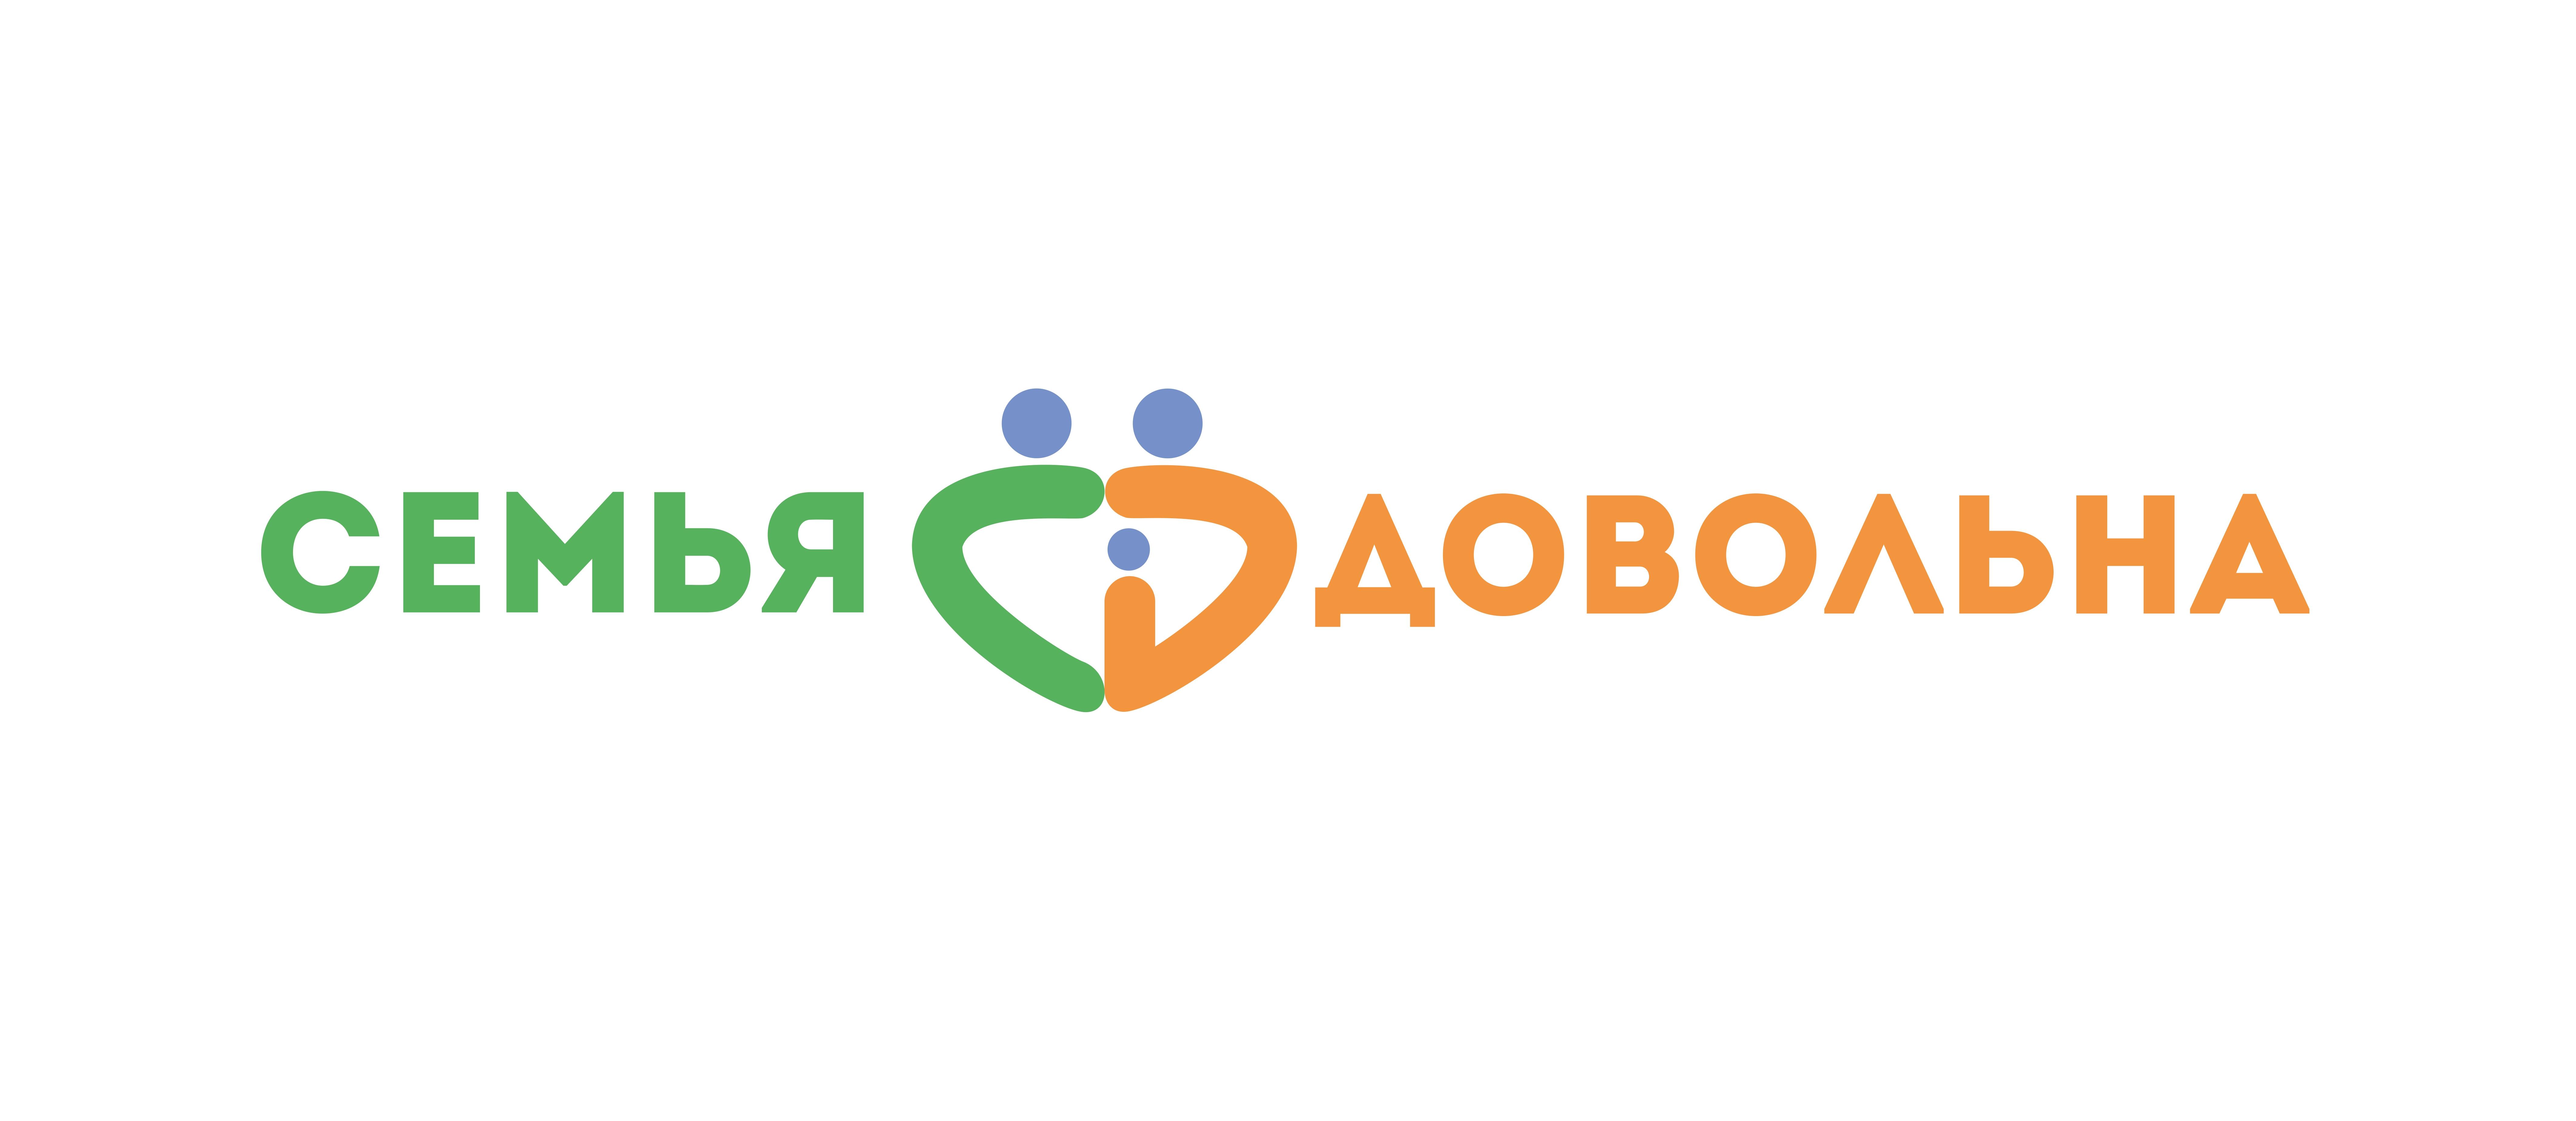 """Разработайте логотип для торговой марки """"Семья довольна"""" фото f_6265ba3c84d29a77.jpg"""